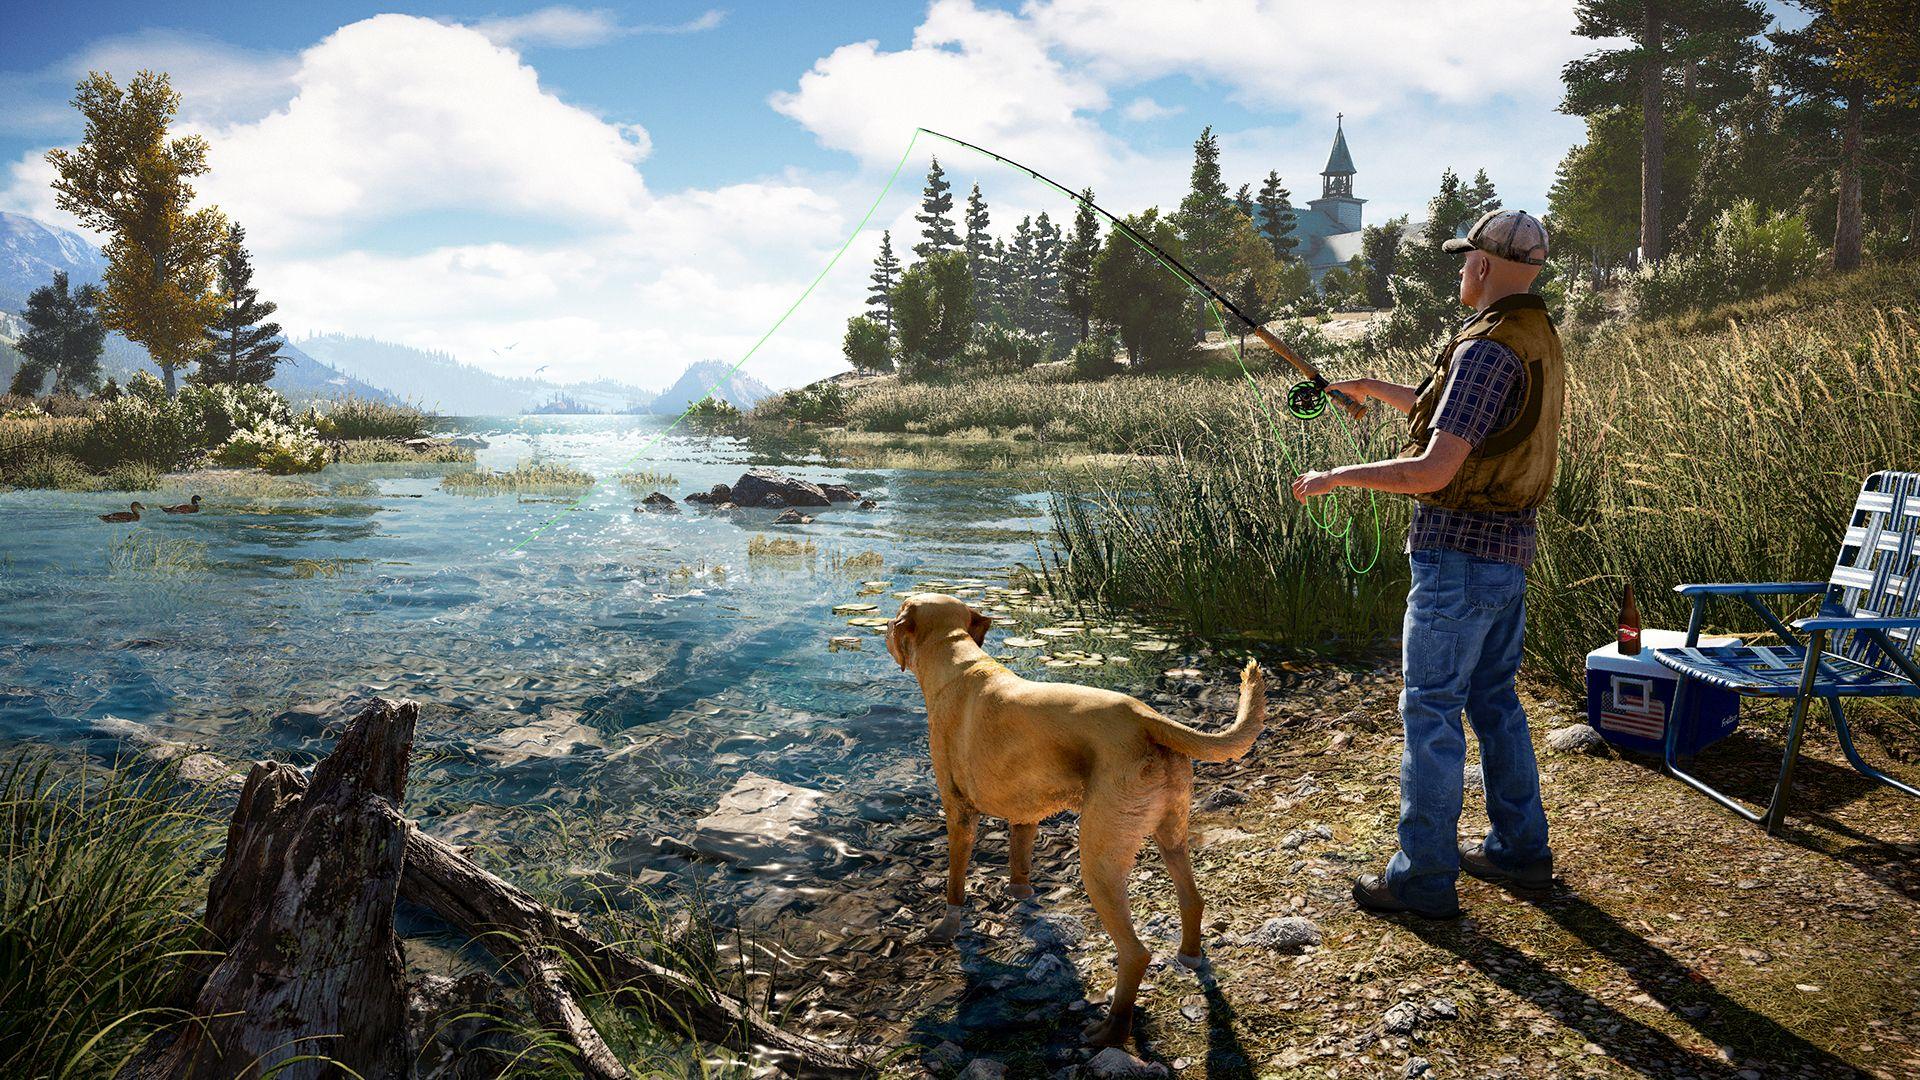 FarCry 5 : Vive la pêche !